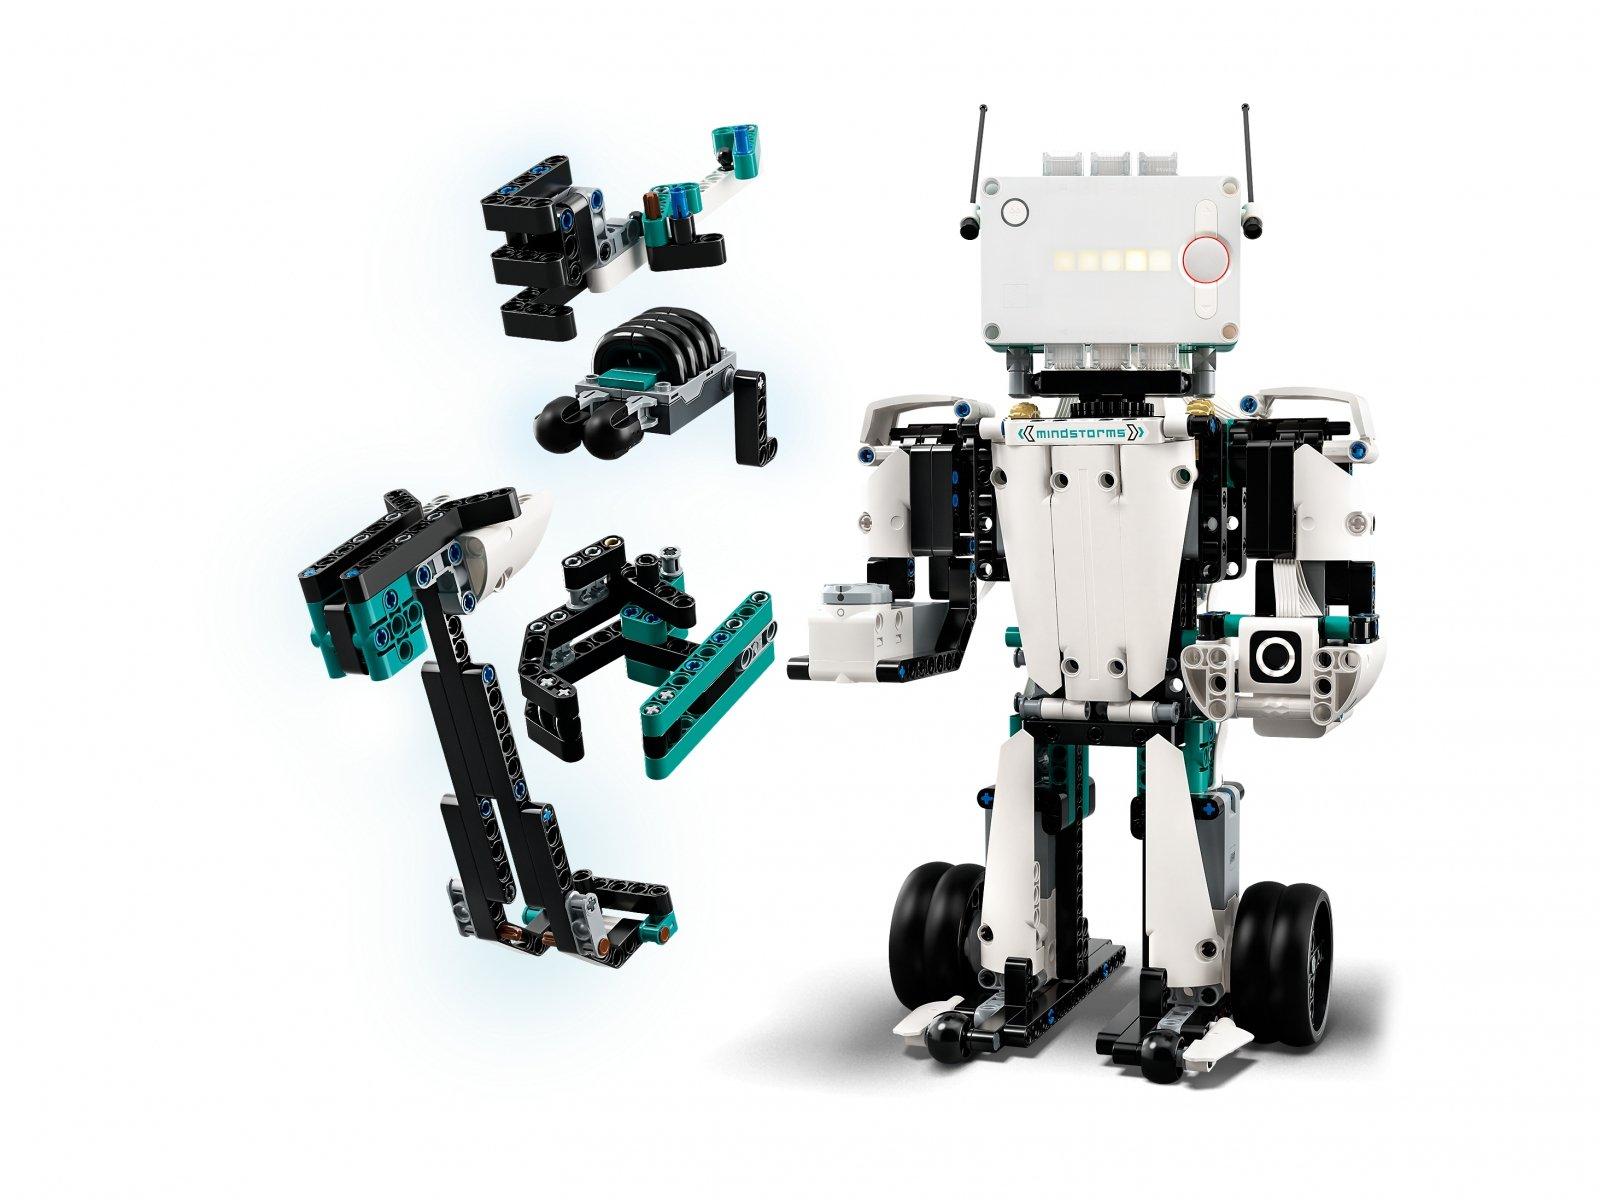 LEGO 51515 Mindstorms Wynalazca robotów